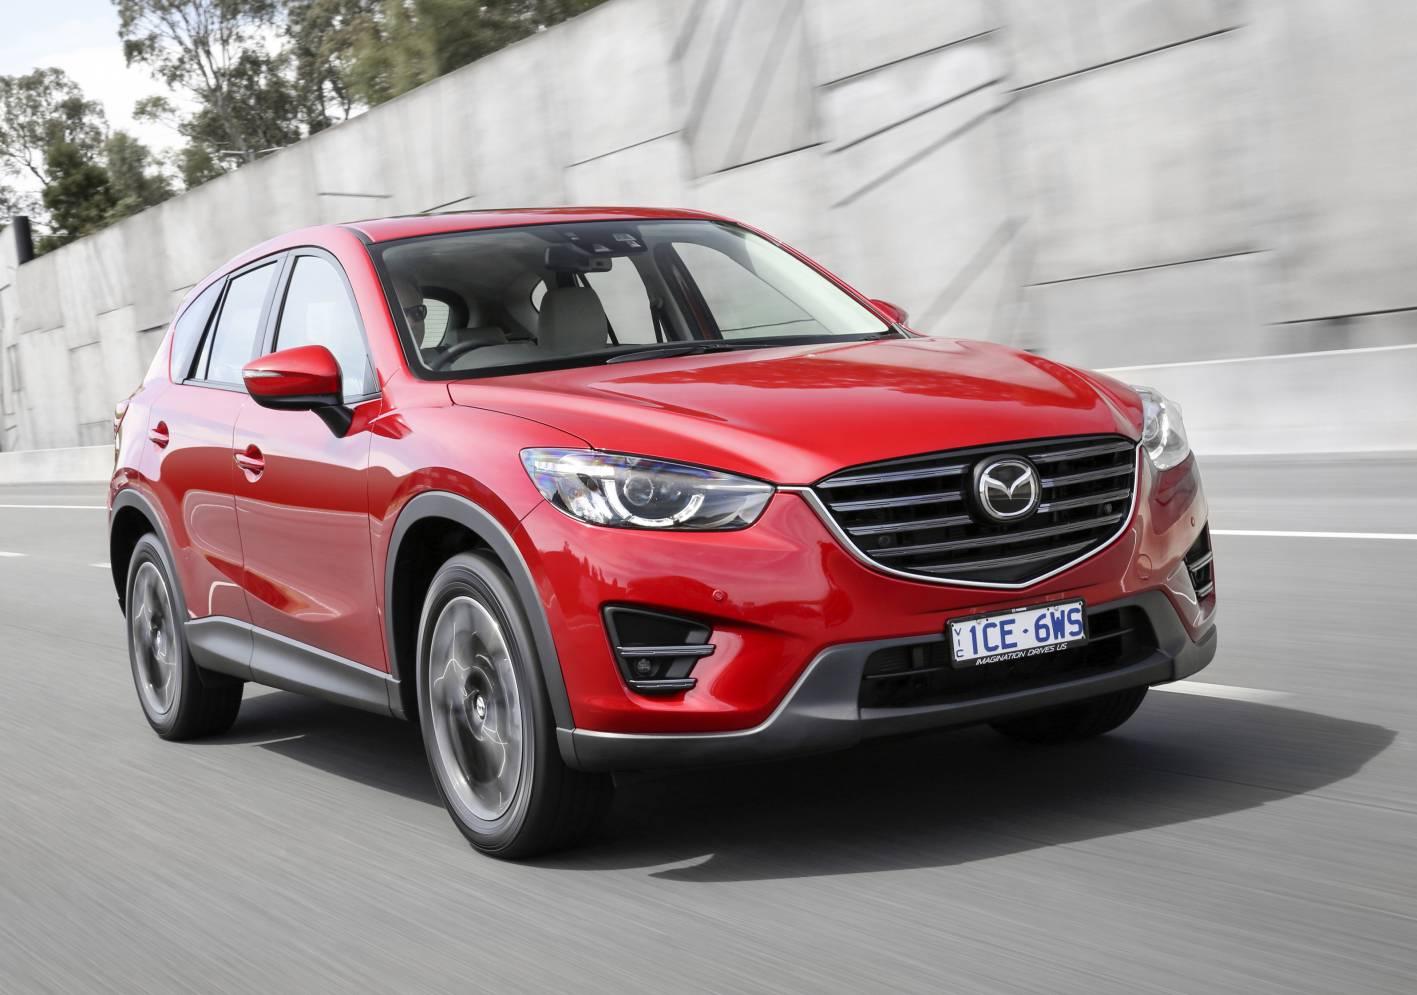 Improved 2015 Mazda CX-5 lands with sharper pricing - ForceGT.com